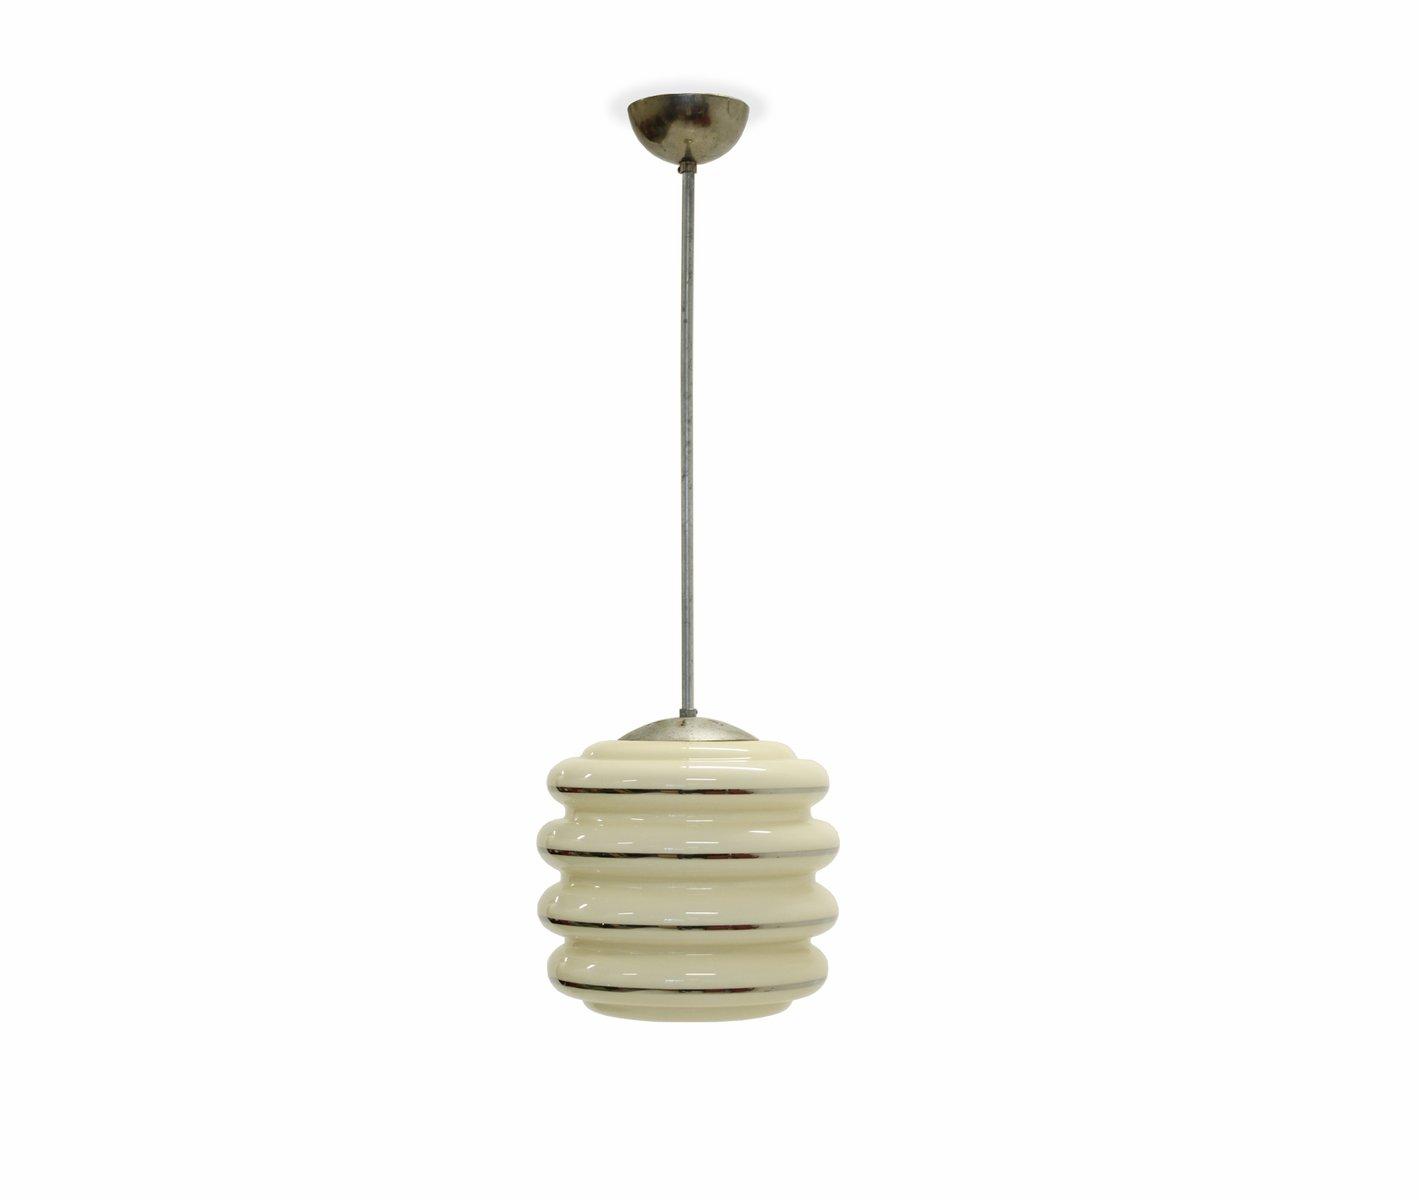 Funktionalistische Opalglas Deckenlampe, 1950er